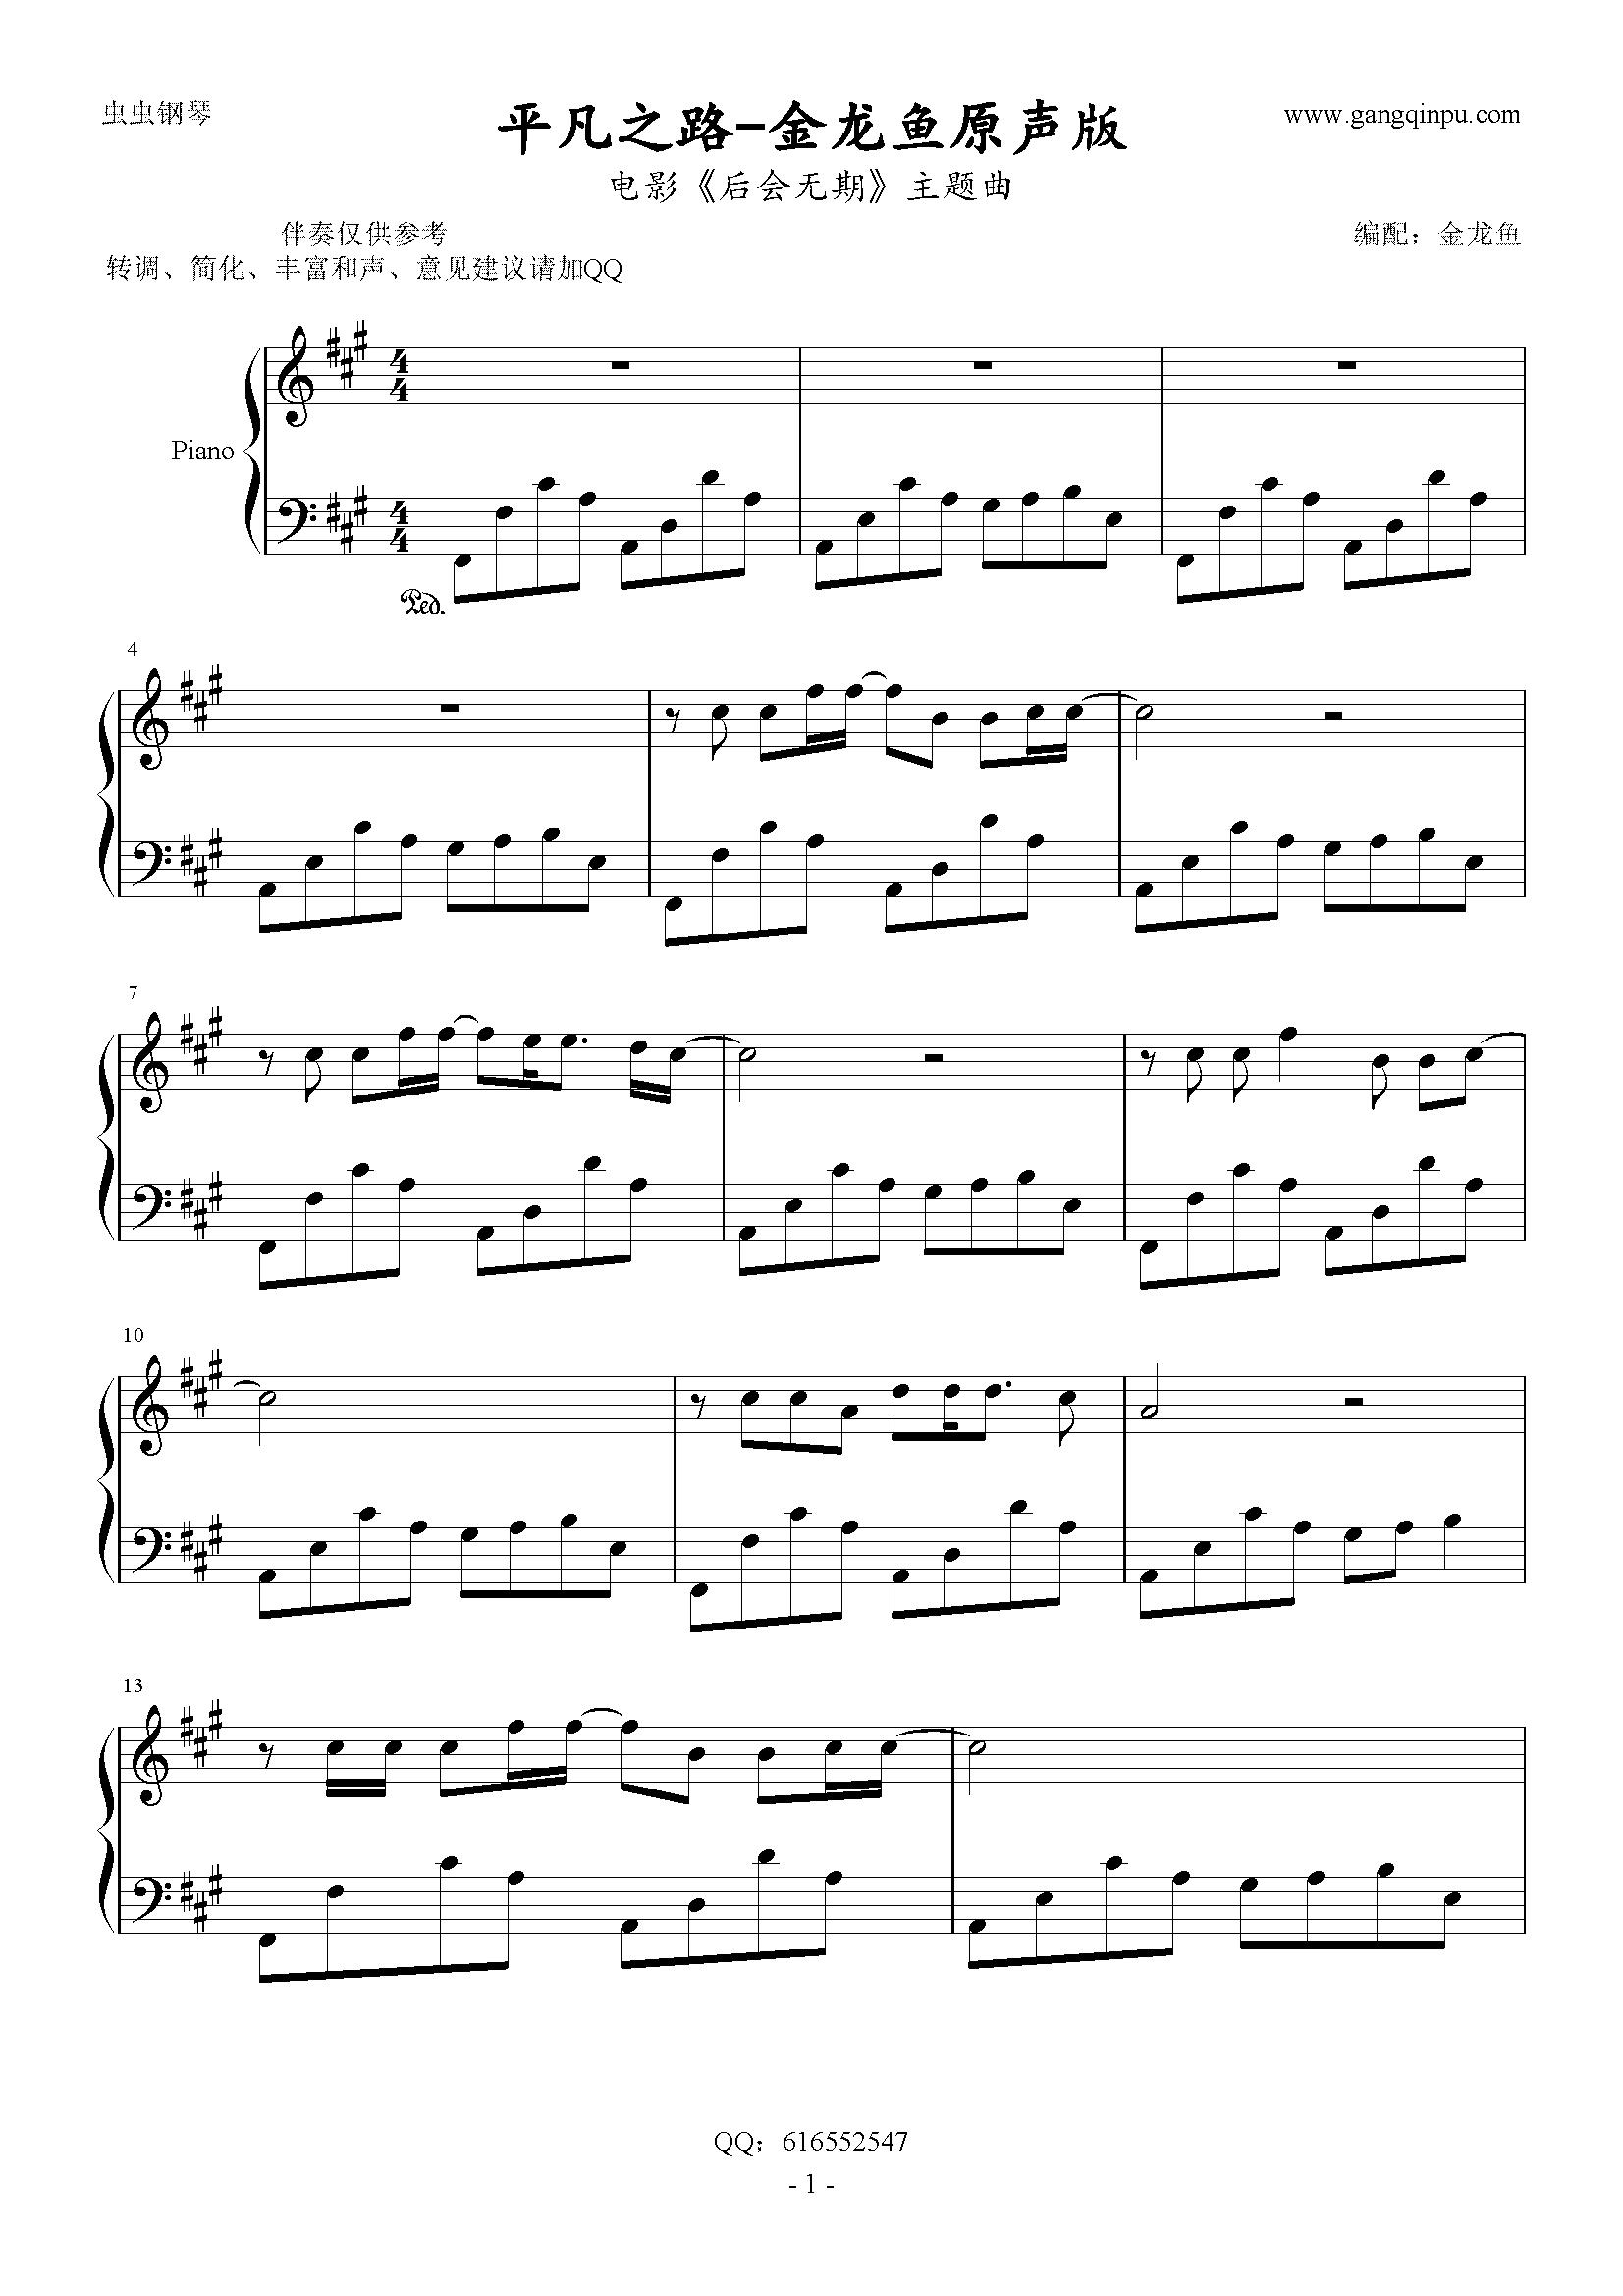 平凡之路钢琴谱 第1页图片